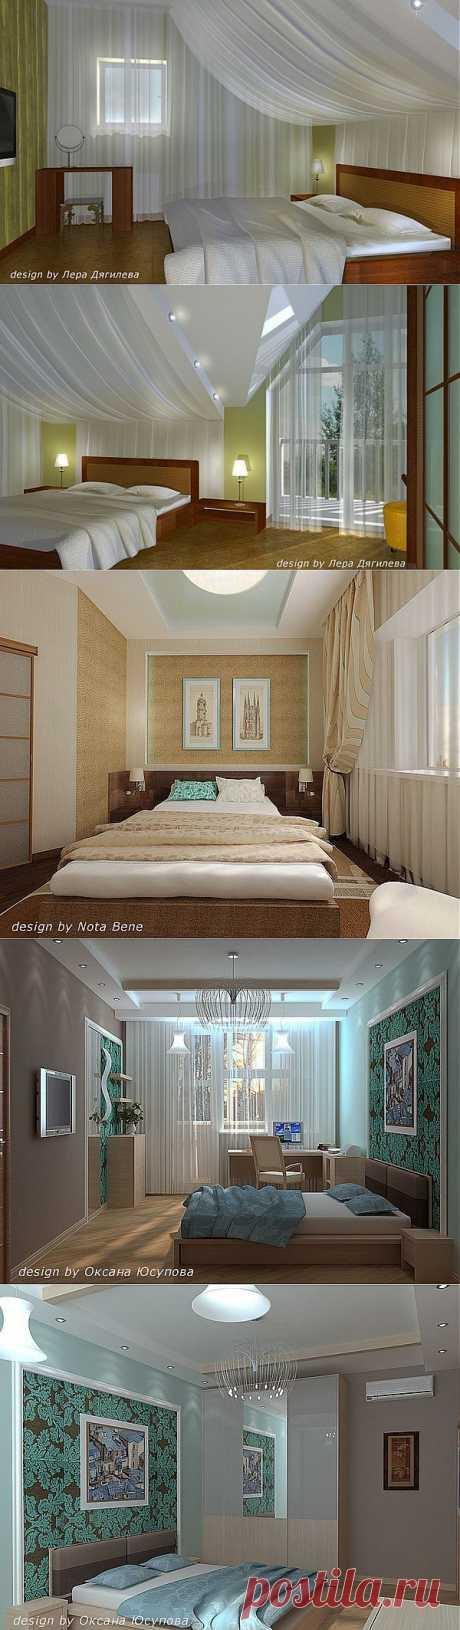 Лаконичный дизайн современного интерьера спальни.